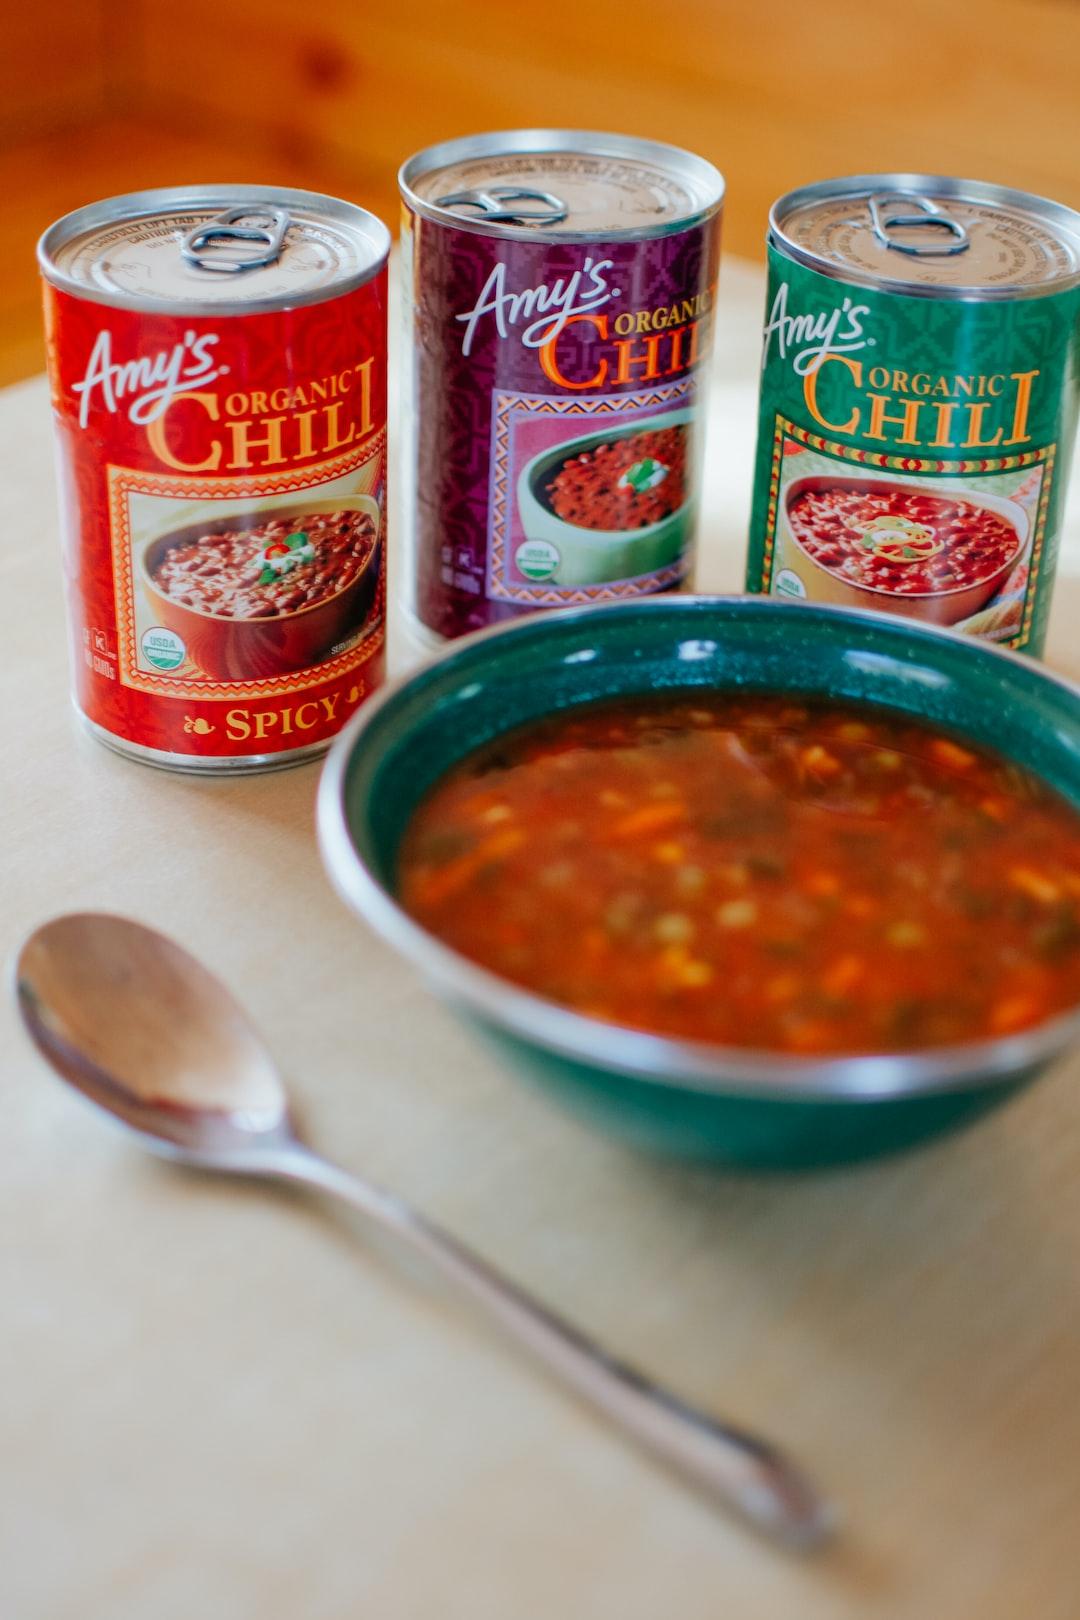 Amy's Organic Chili.